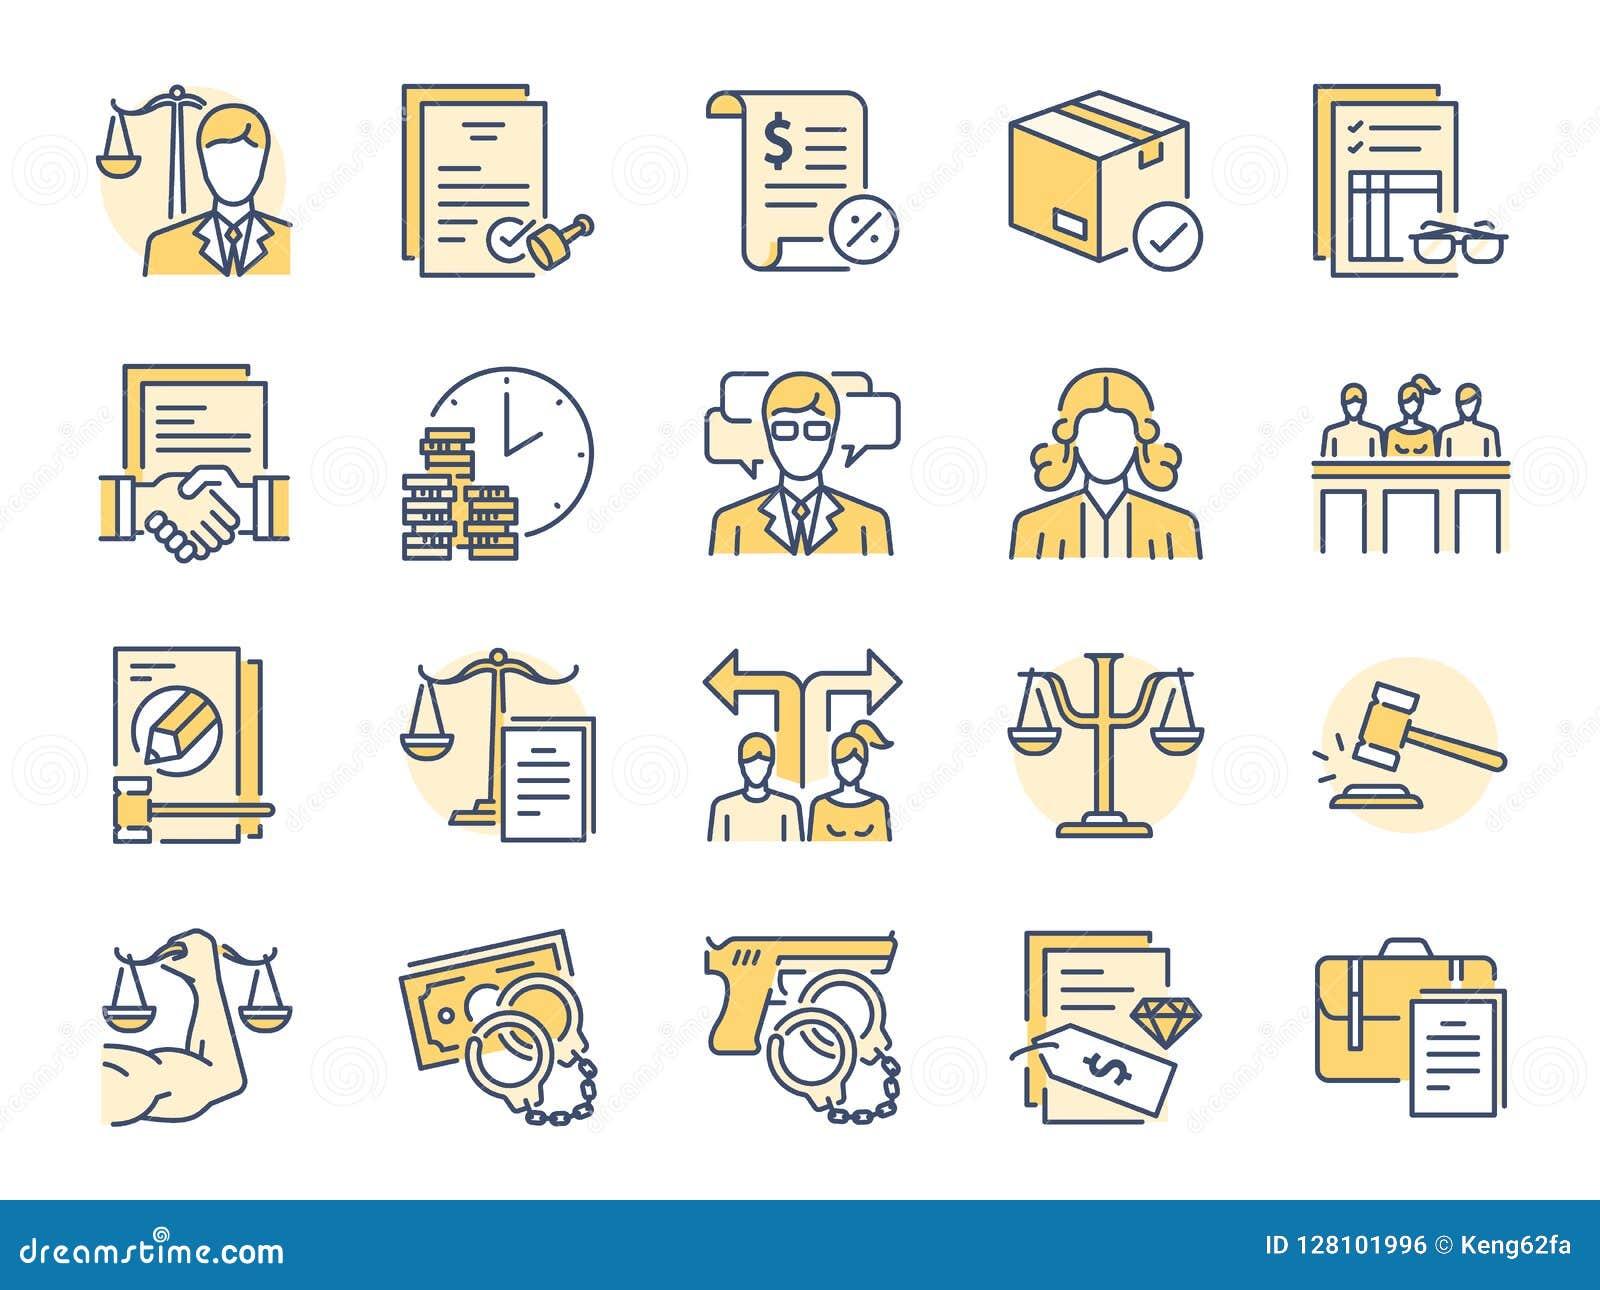 Inklusive symboler som lag, advokaten, domare, domstolen, försvar och mer